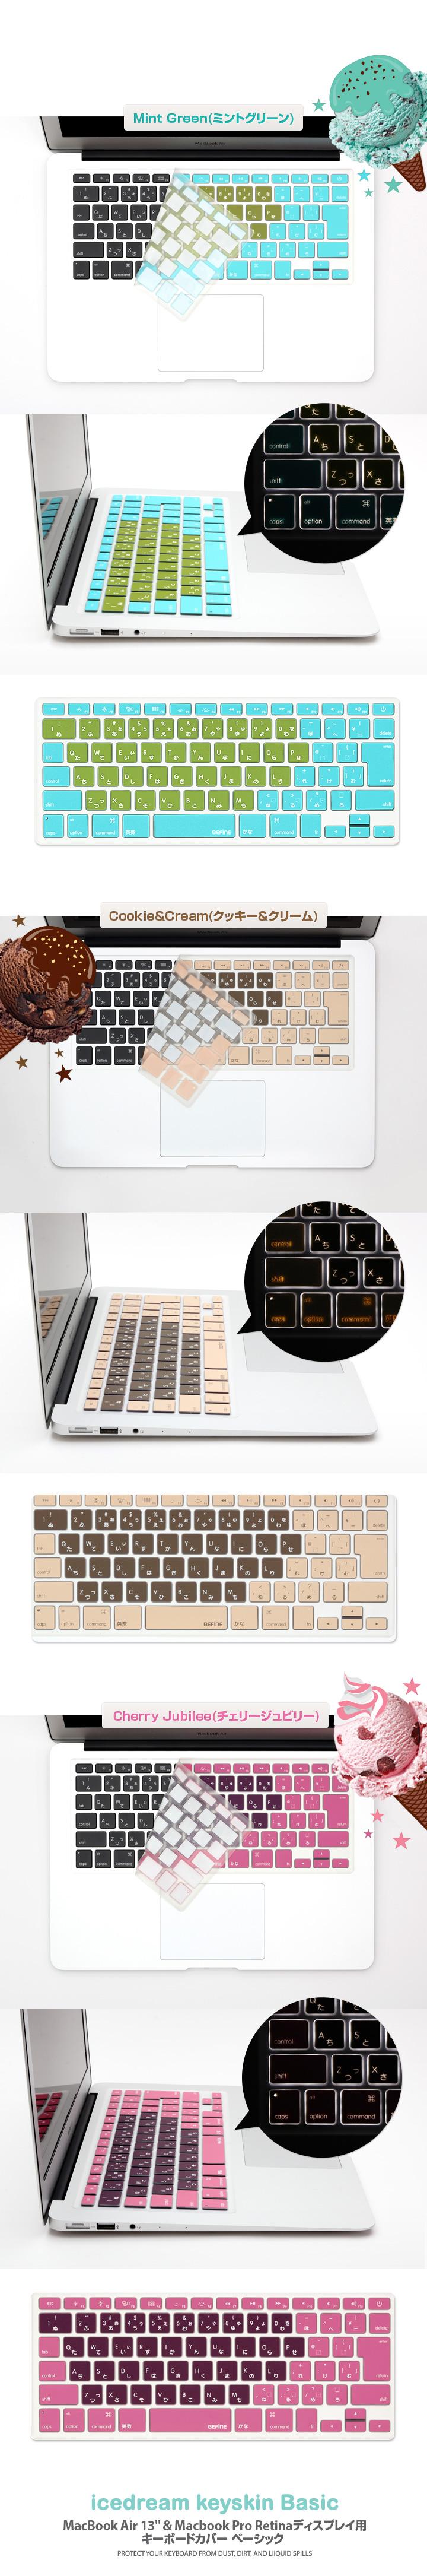 商品詳細アイスクリームキースキン MacBook Air 13'' & Macbook Pro Retinaディスプレイ用 キーボードカバー